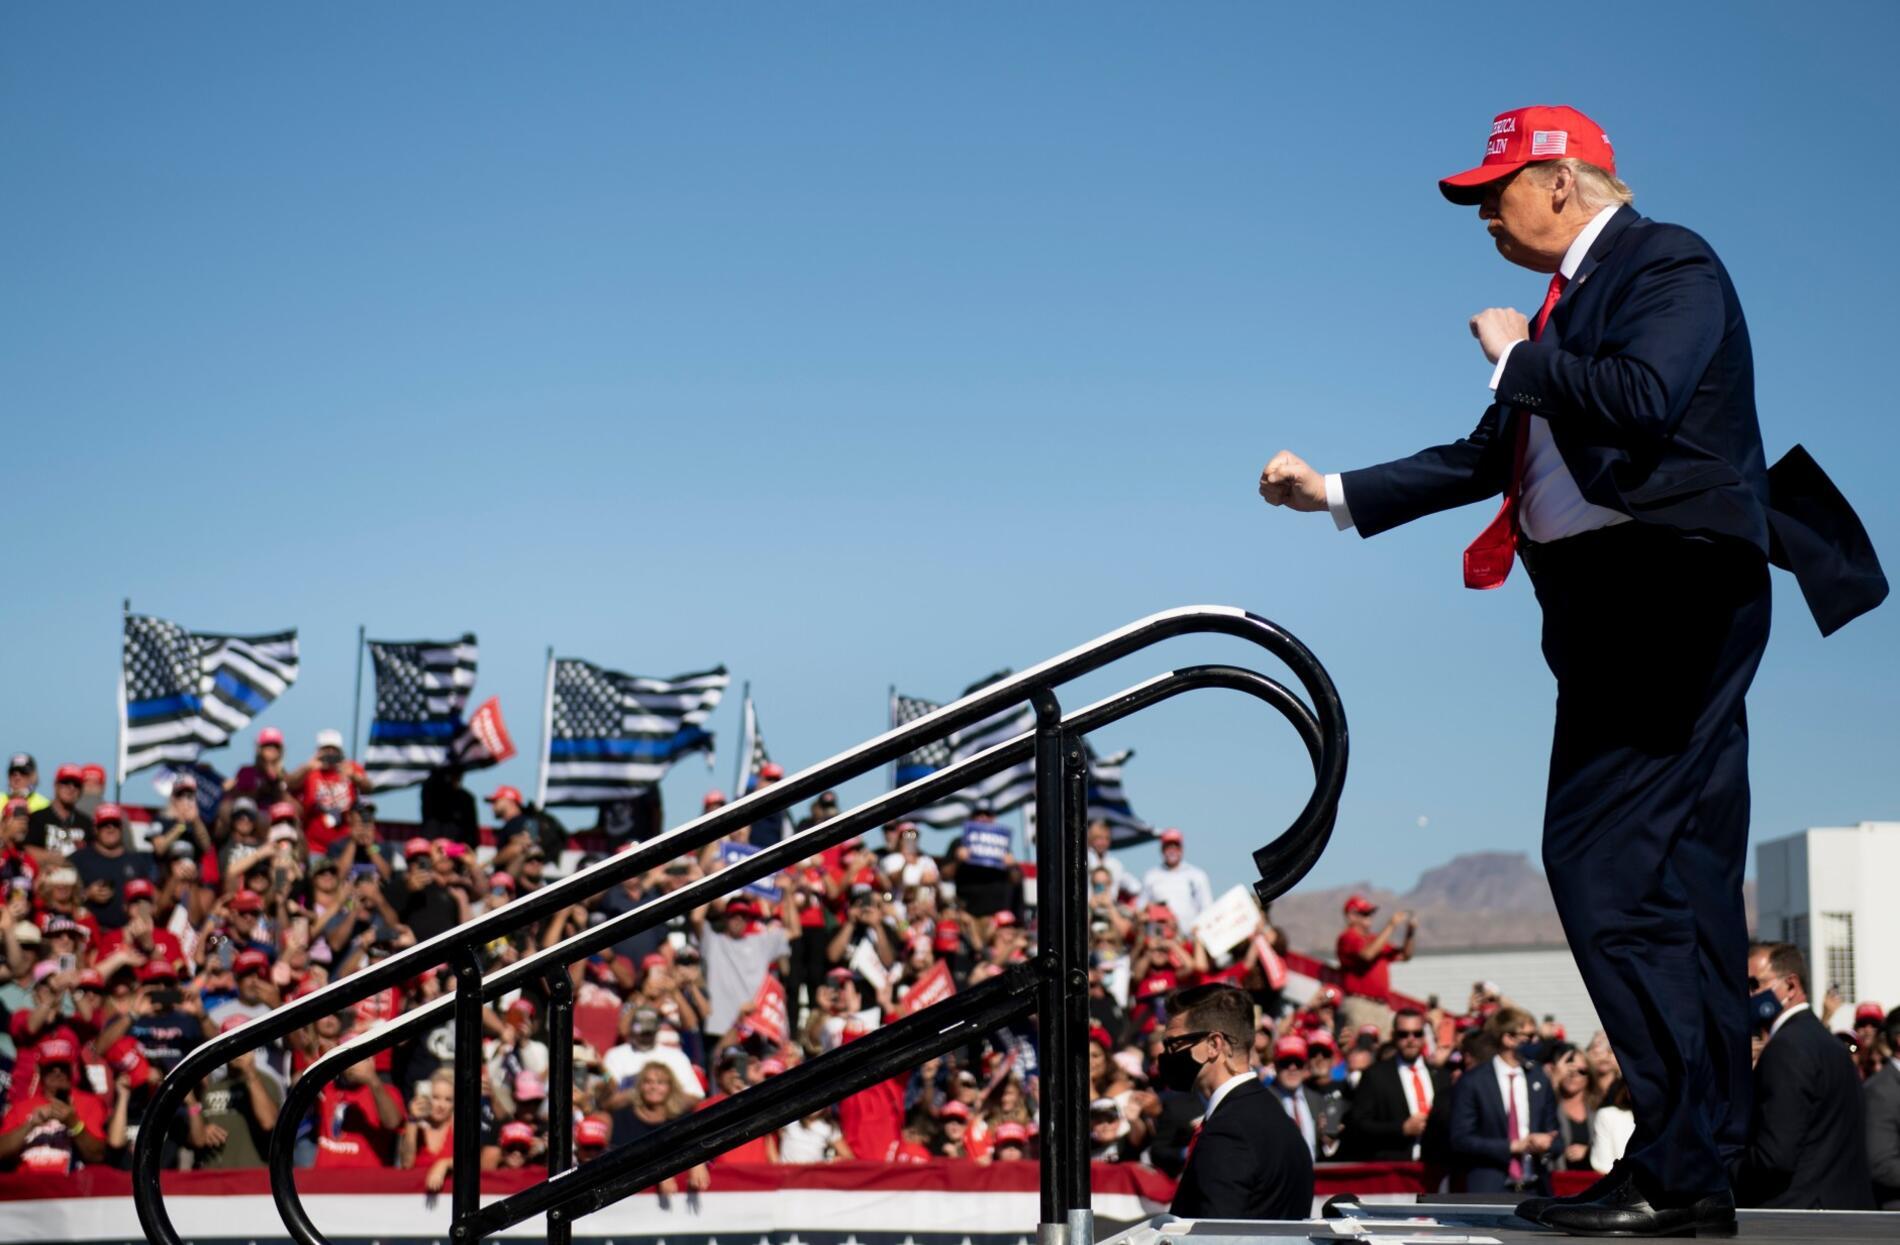 Donald Trump, en su segunda campaña presidencial